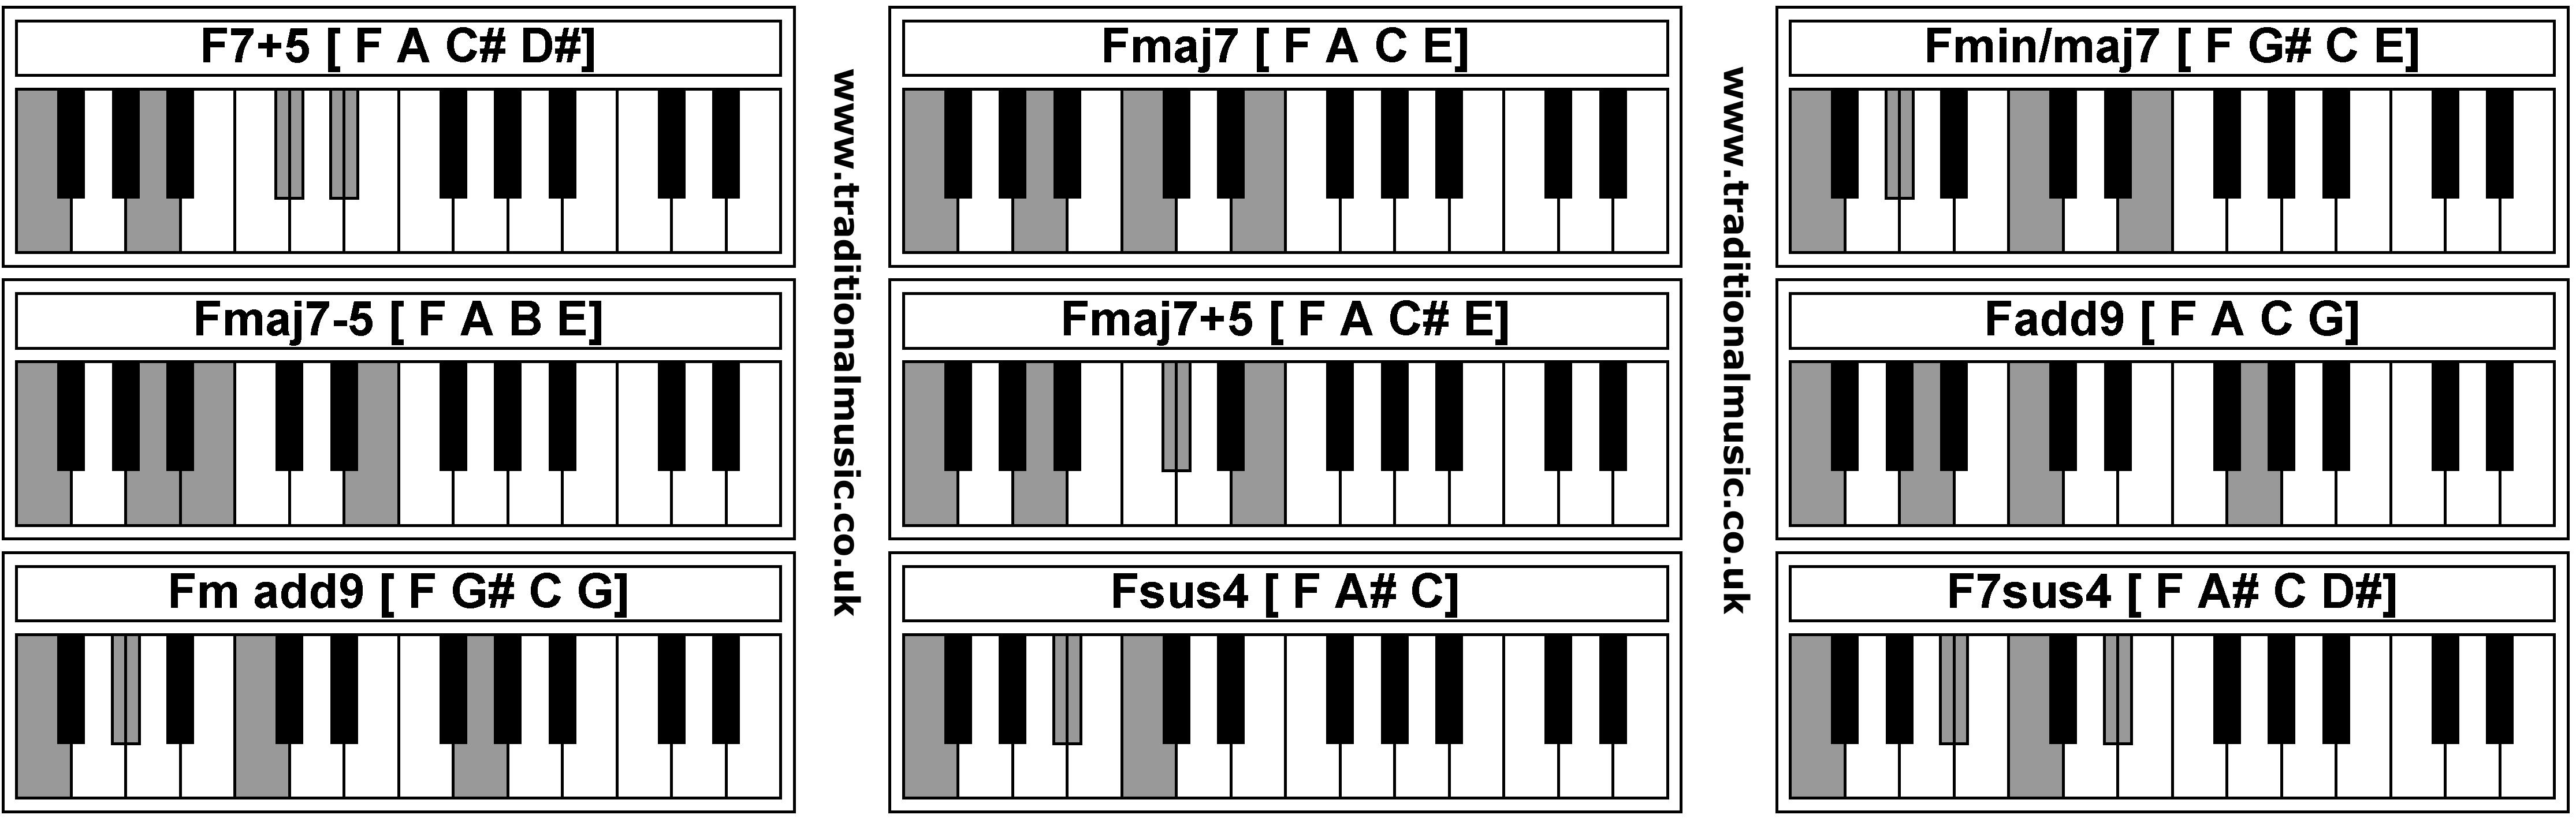 F M Piano Chord Piano Chords F75 Fmaj7 Fminmaj7 Fmaj7 5 Fmaj75 Fadd9 Fm Add9